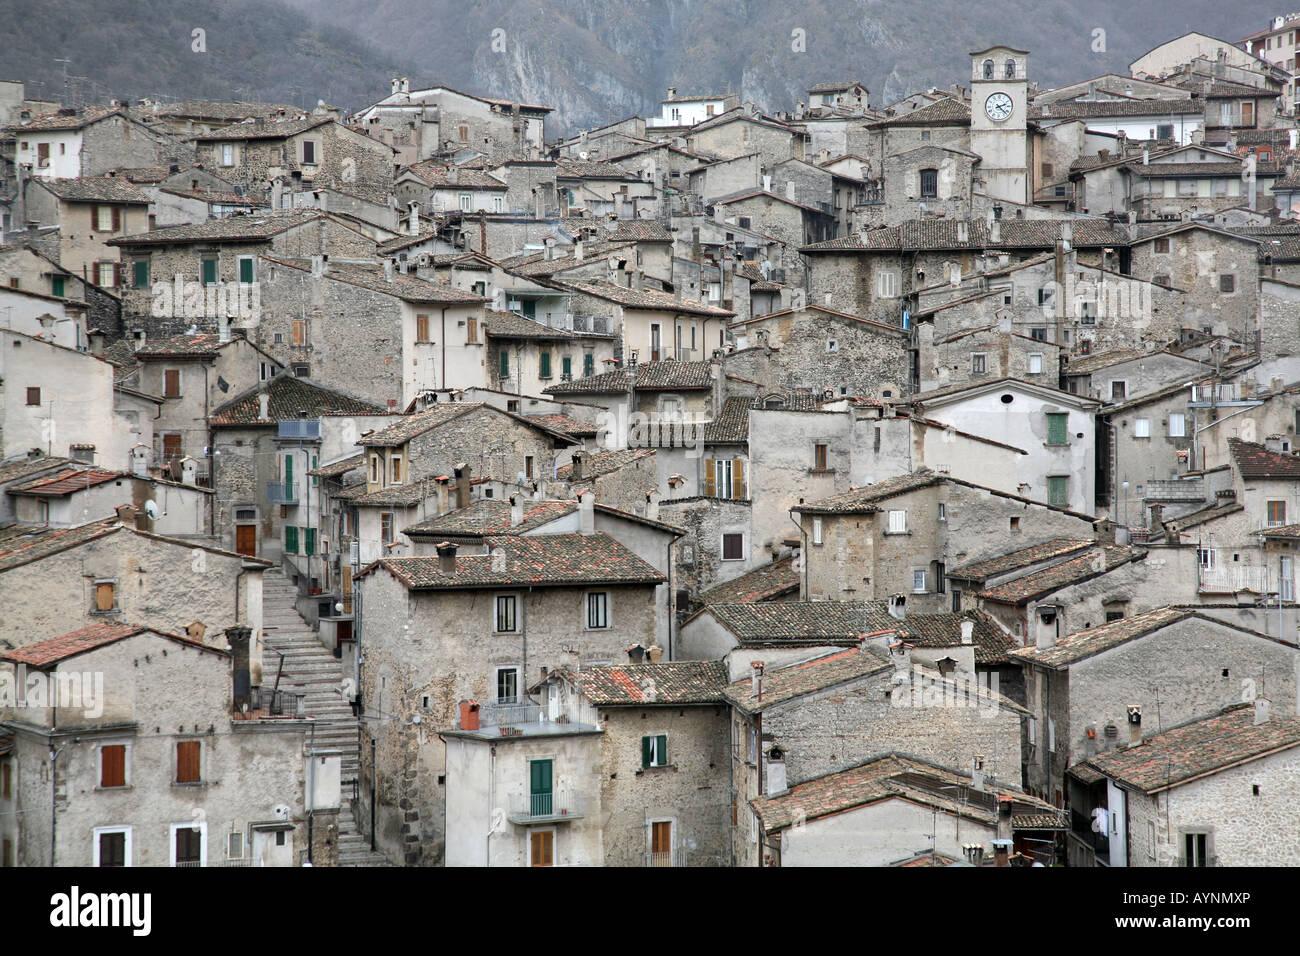 Acheter Une Maison En Italie Abruzzes scanno, abruzzes, italie, italia banque d'images, photo